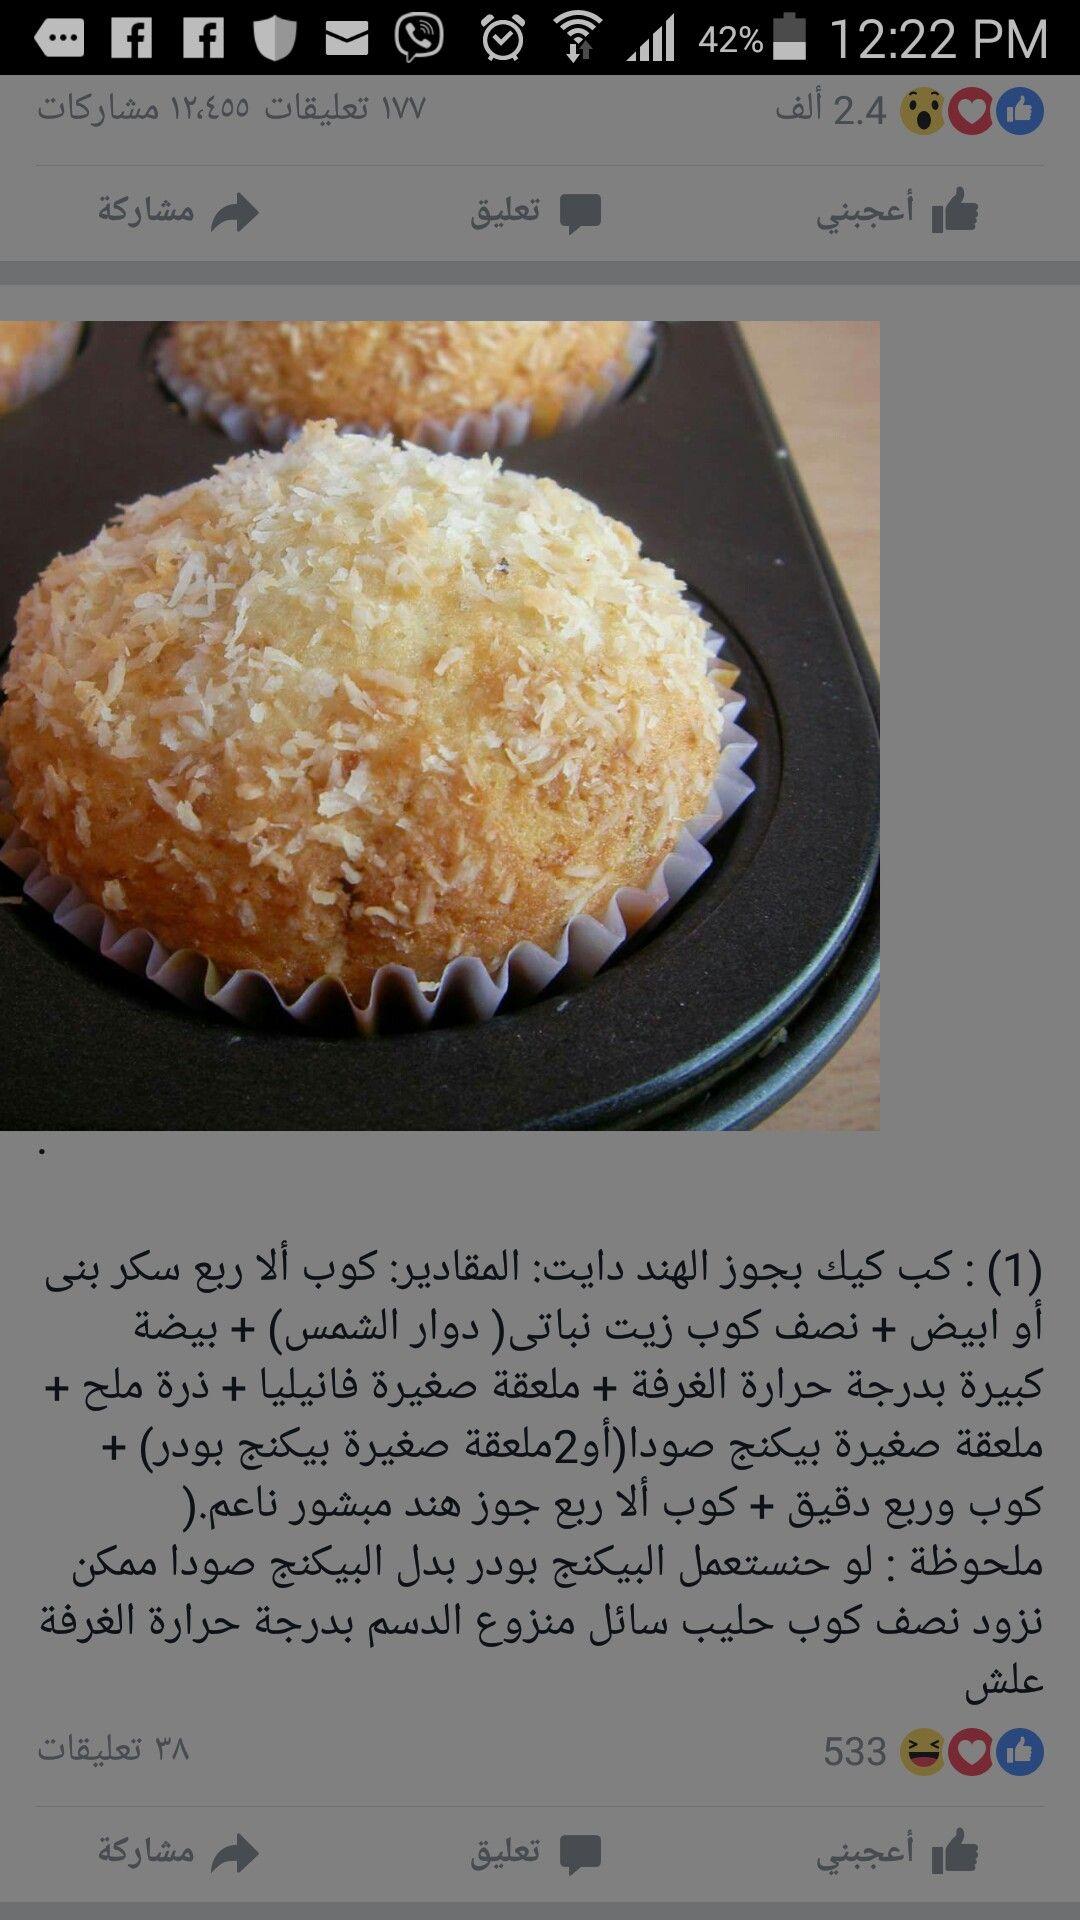 كب كيك جوز الهند Dessert Recipes Food Drinks Dessert Cooking Recipes